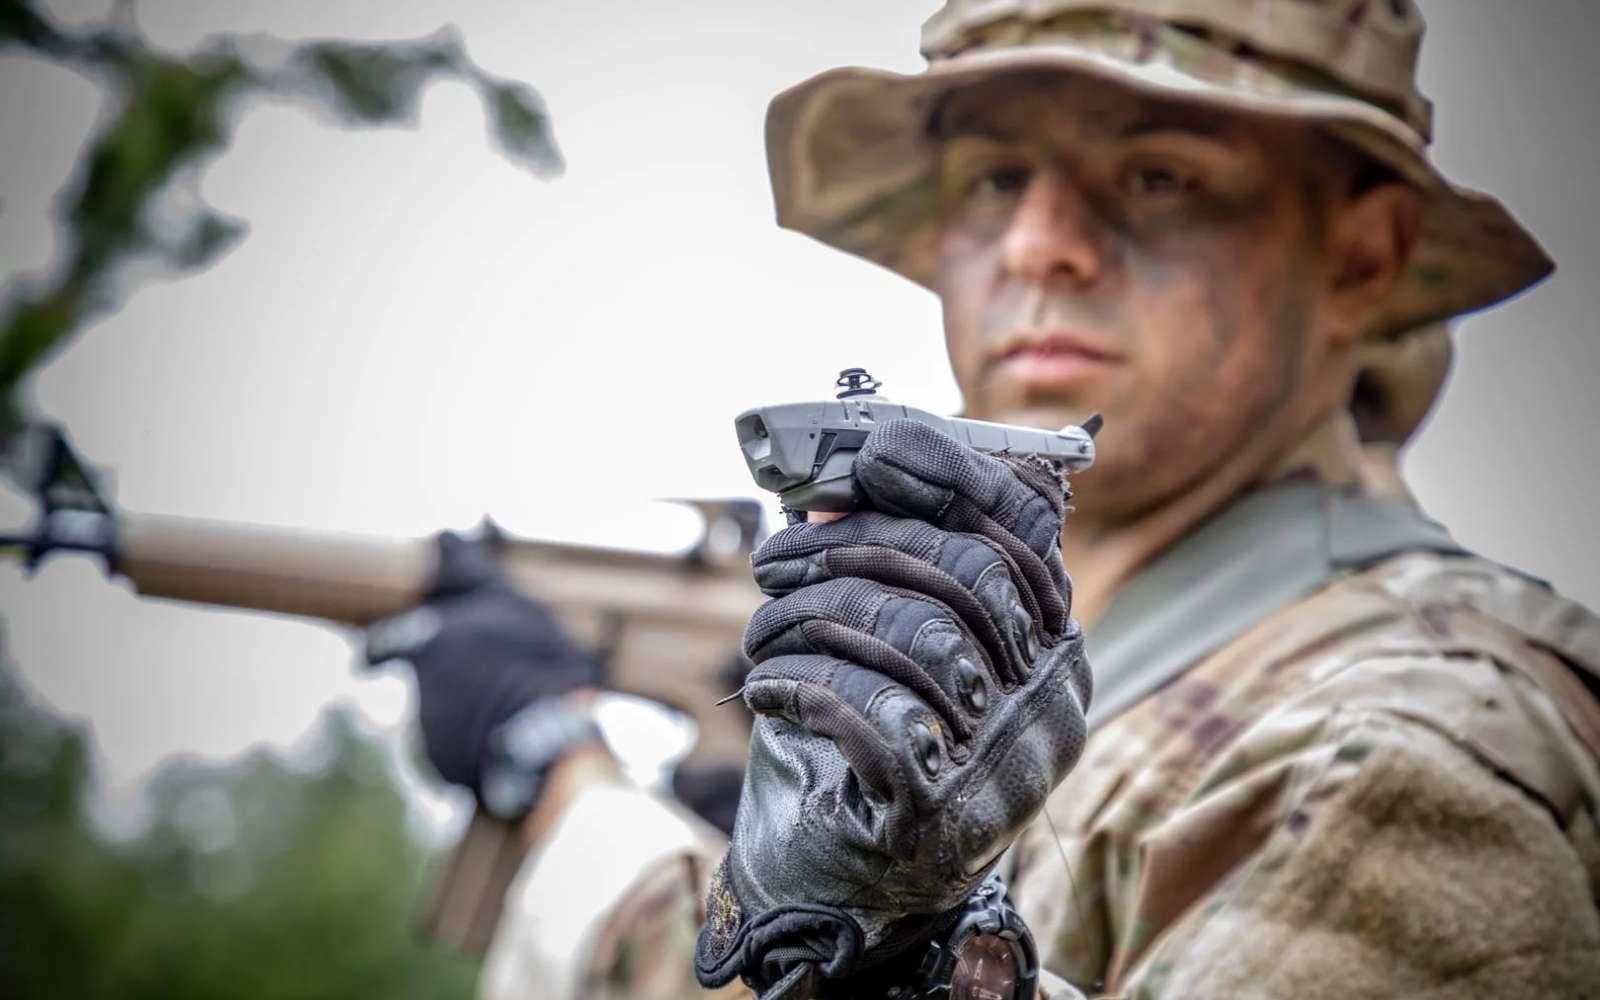 Le nanodrone Black Hornet 3 est un concentré de technologies. Silencieux, il permet aux militaires d'examiner à distance une zone dangereuse. © Flir